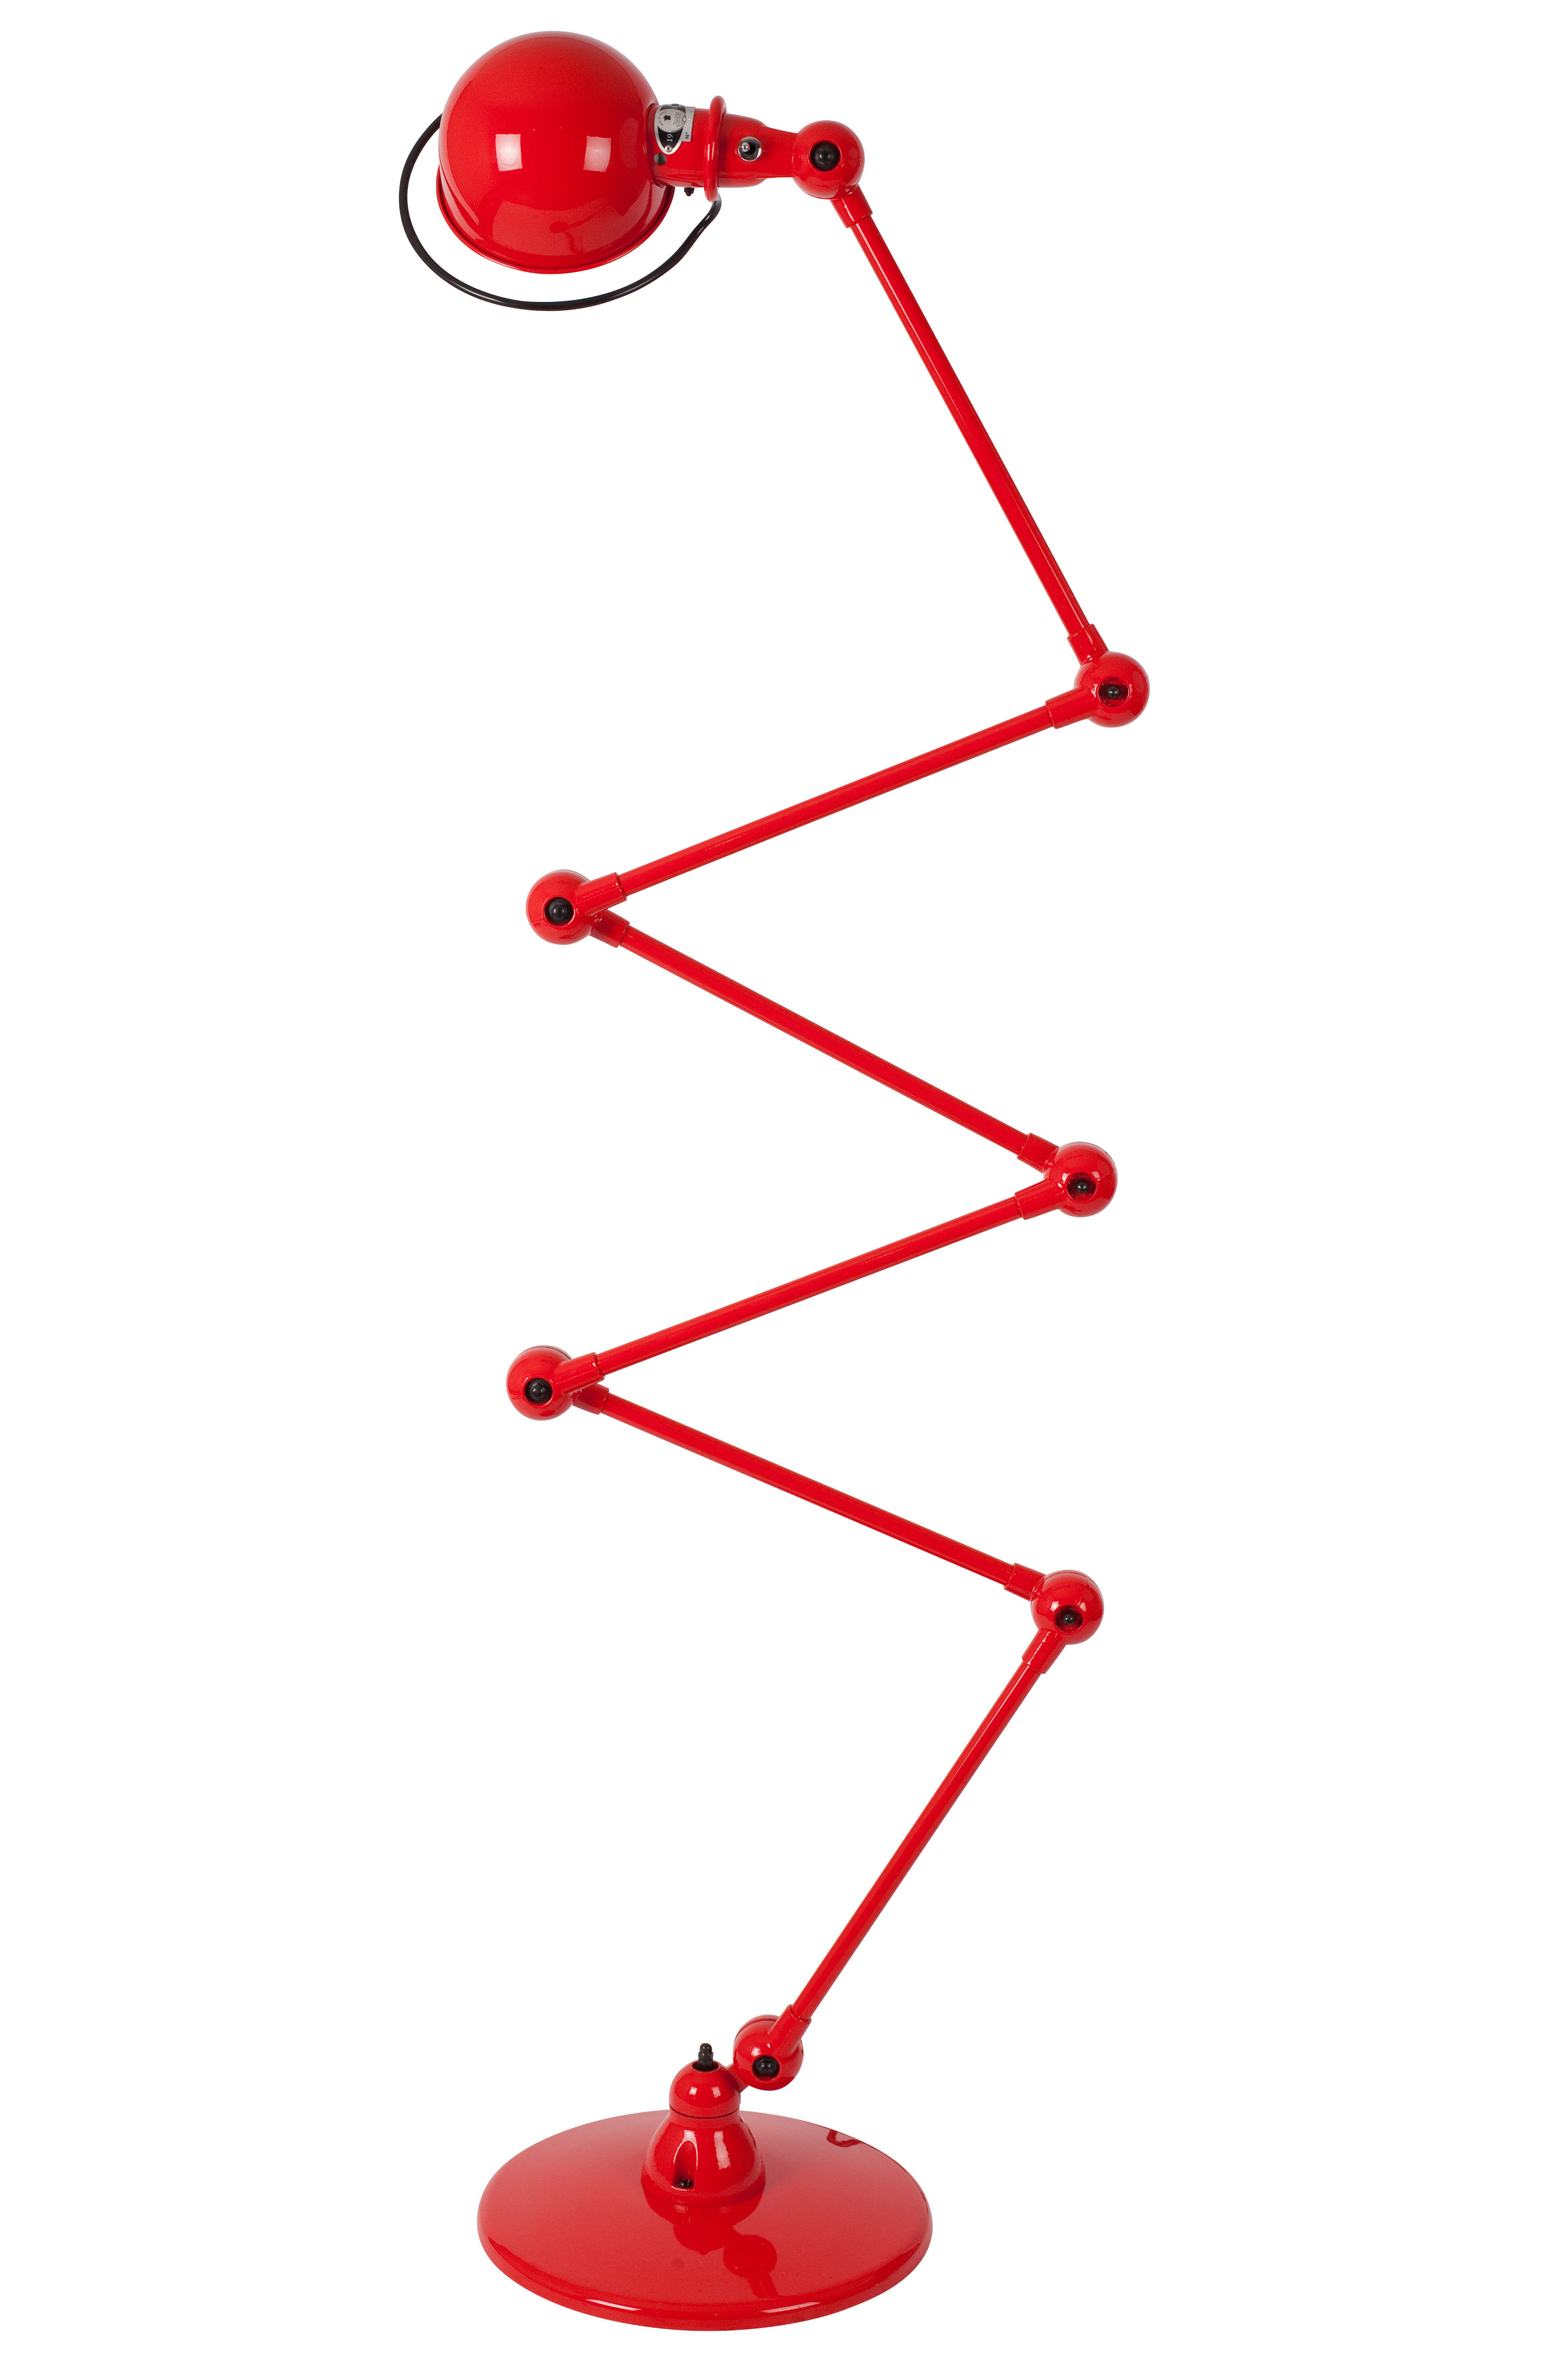 Leuchten - Stehleuchten - Loft Zigzag Stehleuchte / mit 6 Gelenkarmen - H max. 240 cm - Jieldé - Rot-glänzend - rostfreier Stahl